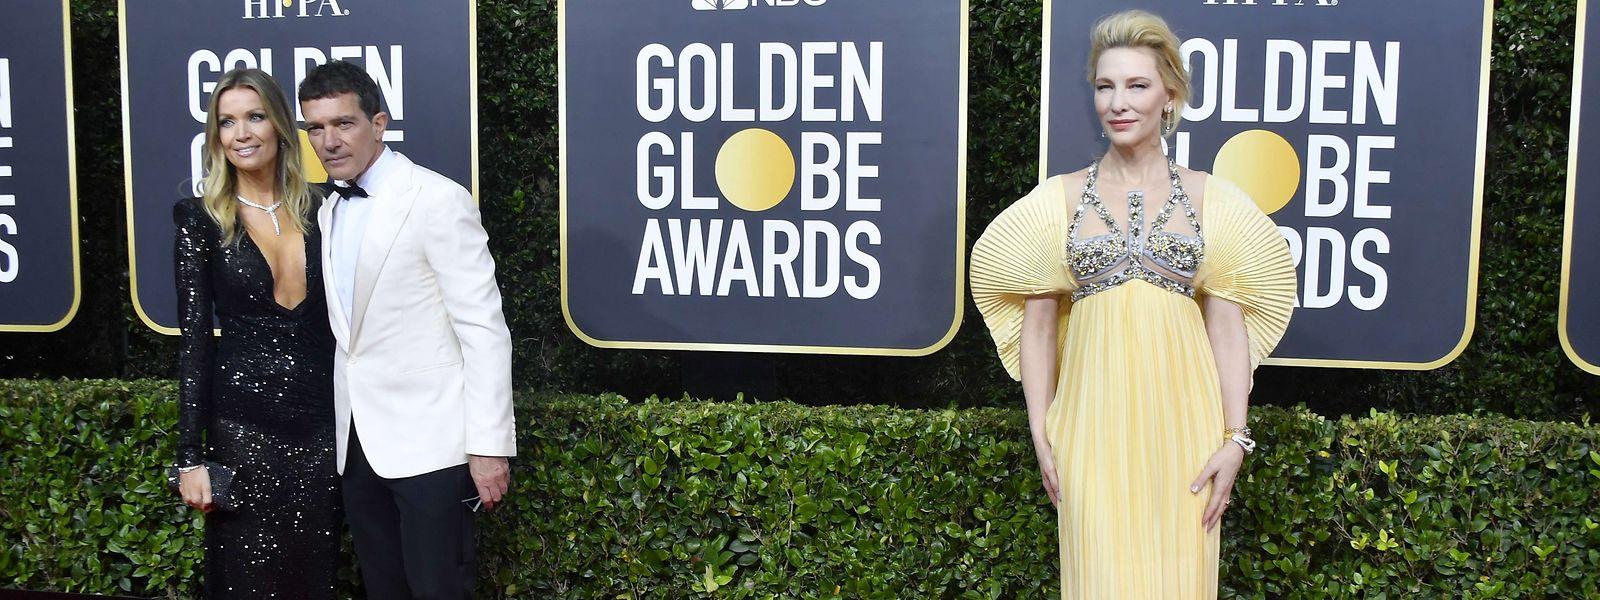 Stars am laufenden Band auf dem Red Carpet: Nicole Kimpel und Antonio Banderas - daneben Cate Blanchett.